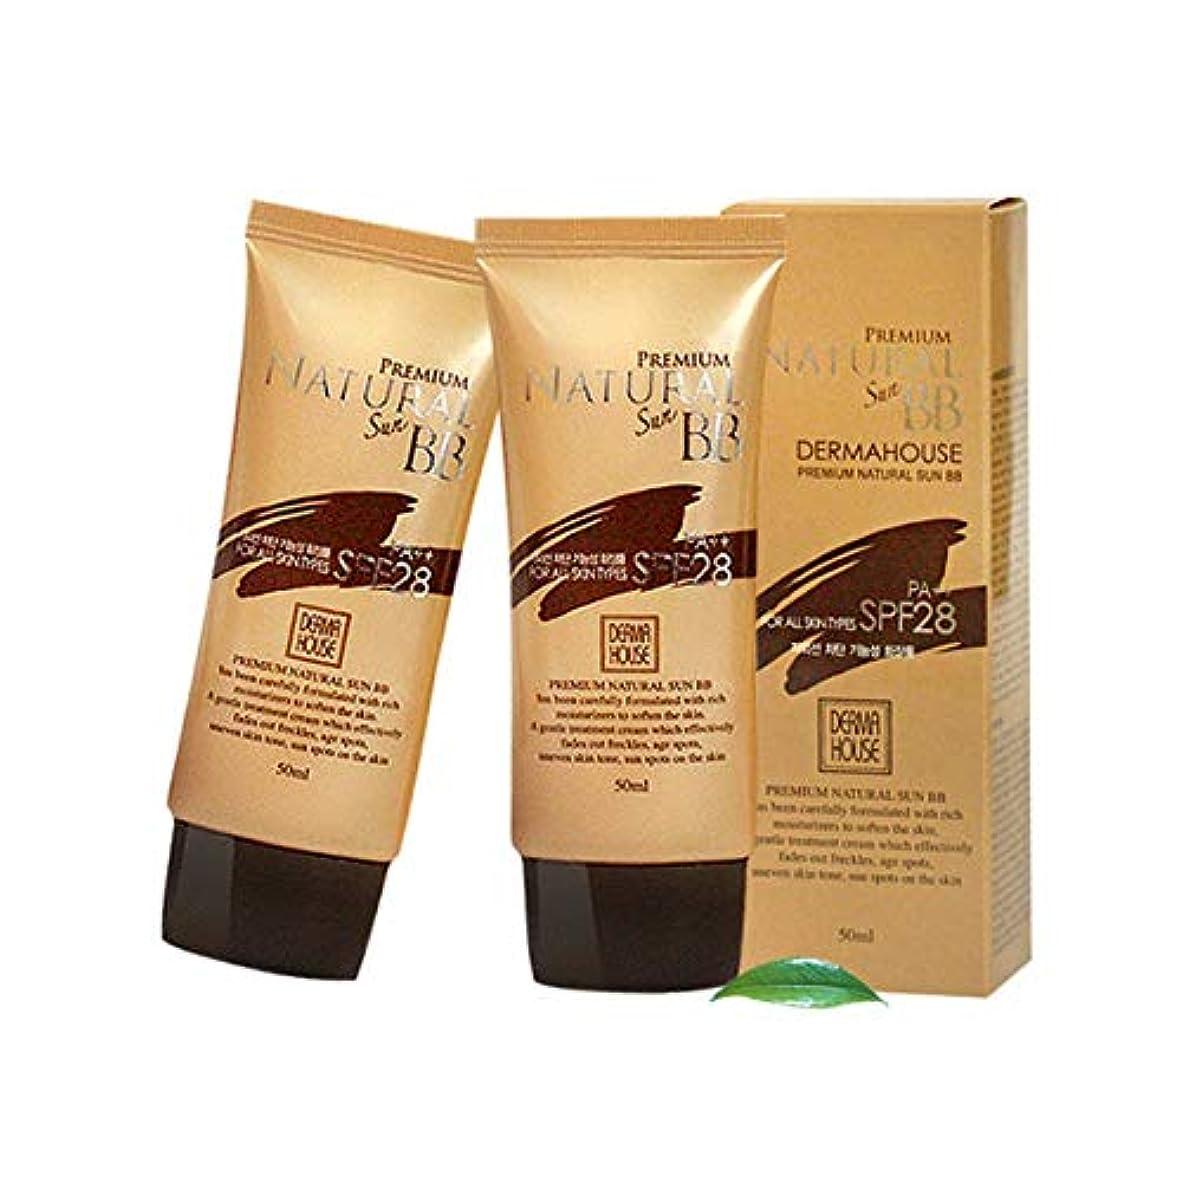 ウォルターカニンガム応じる施しダーマハウスプレミアムナチュラルサンBBクリーム 50mlx2本セット韓国コスメ、Derma House Premium Natural Sun BB Cream 50ml x 2ea Set Korean Cosmetics...